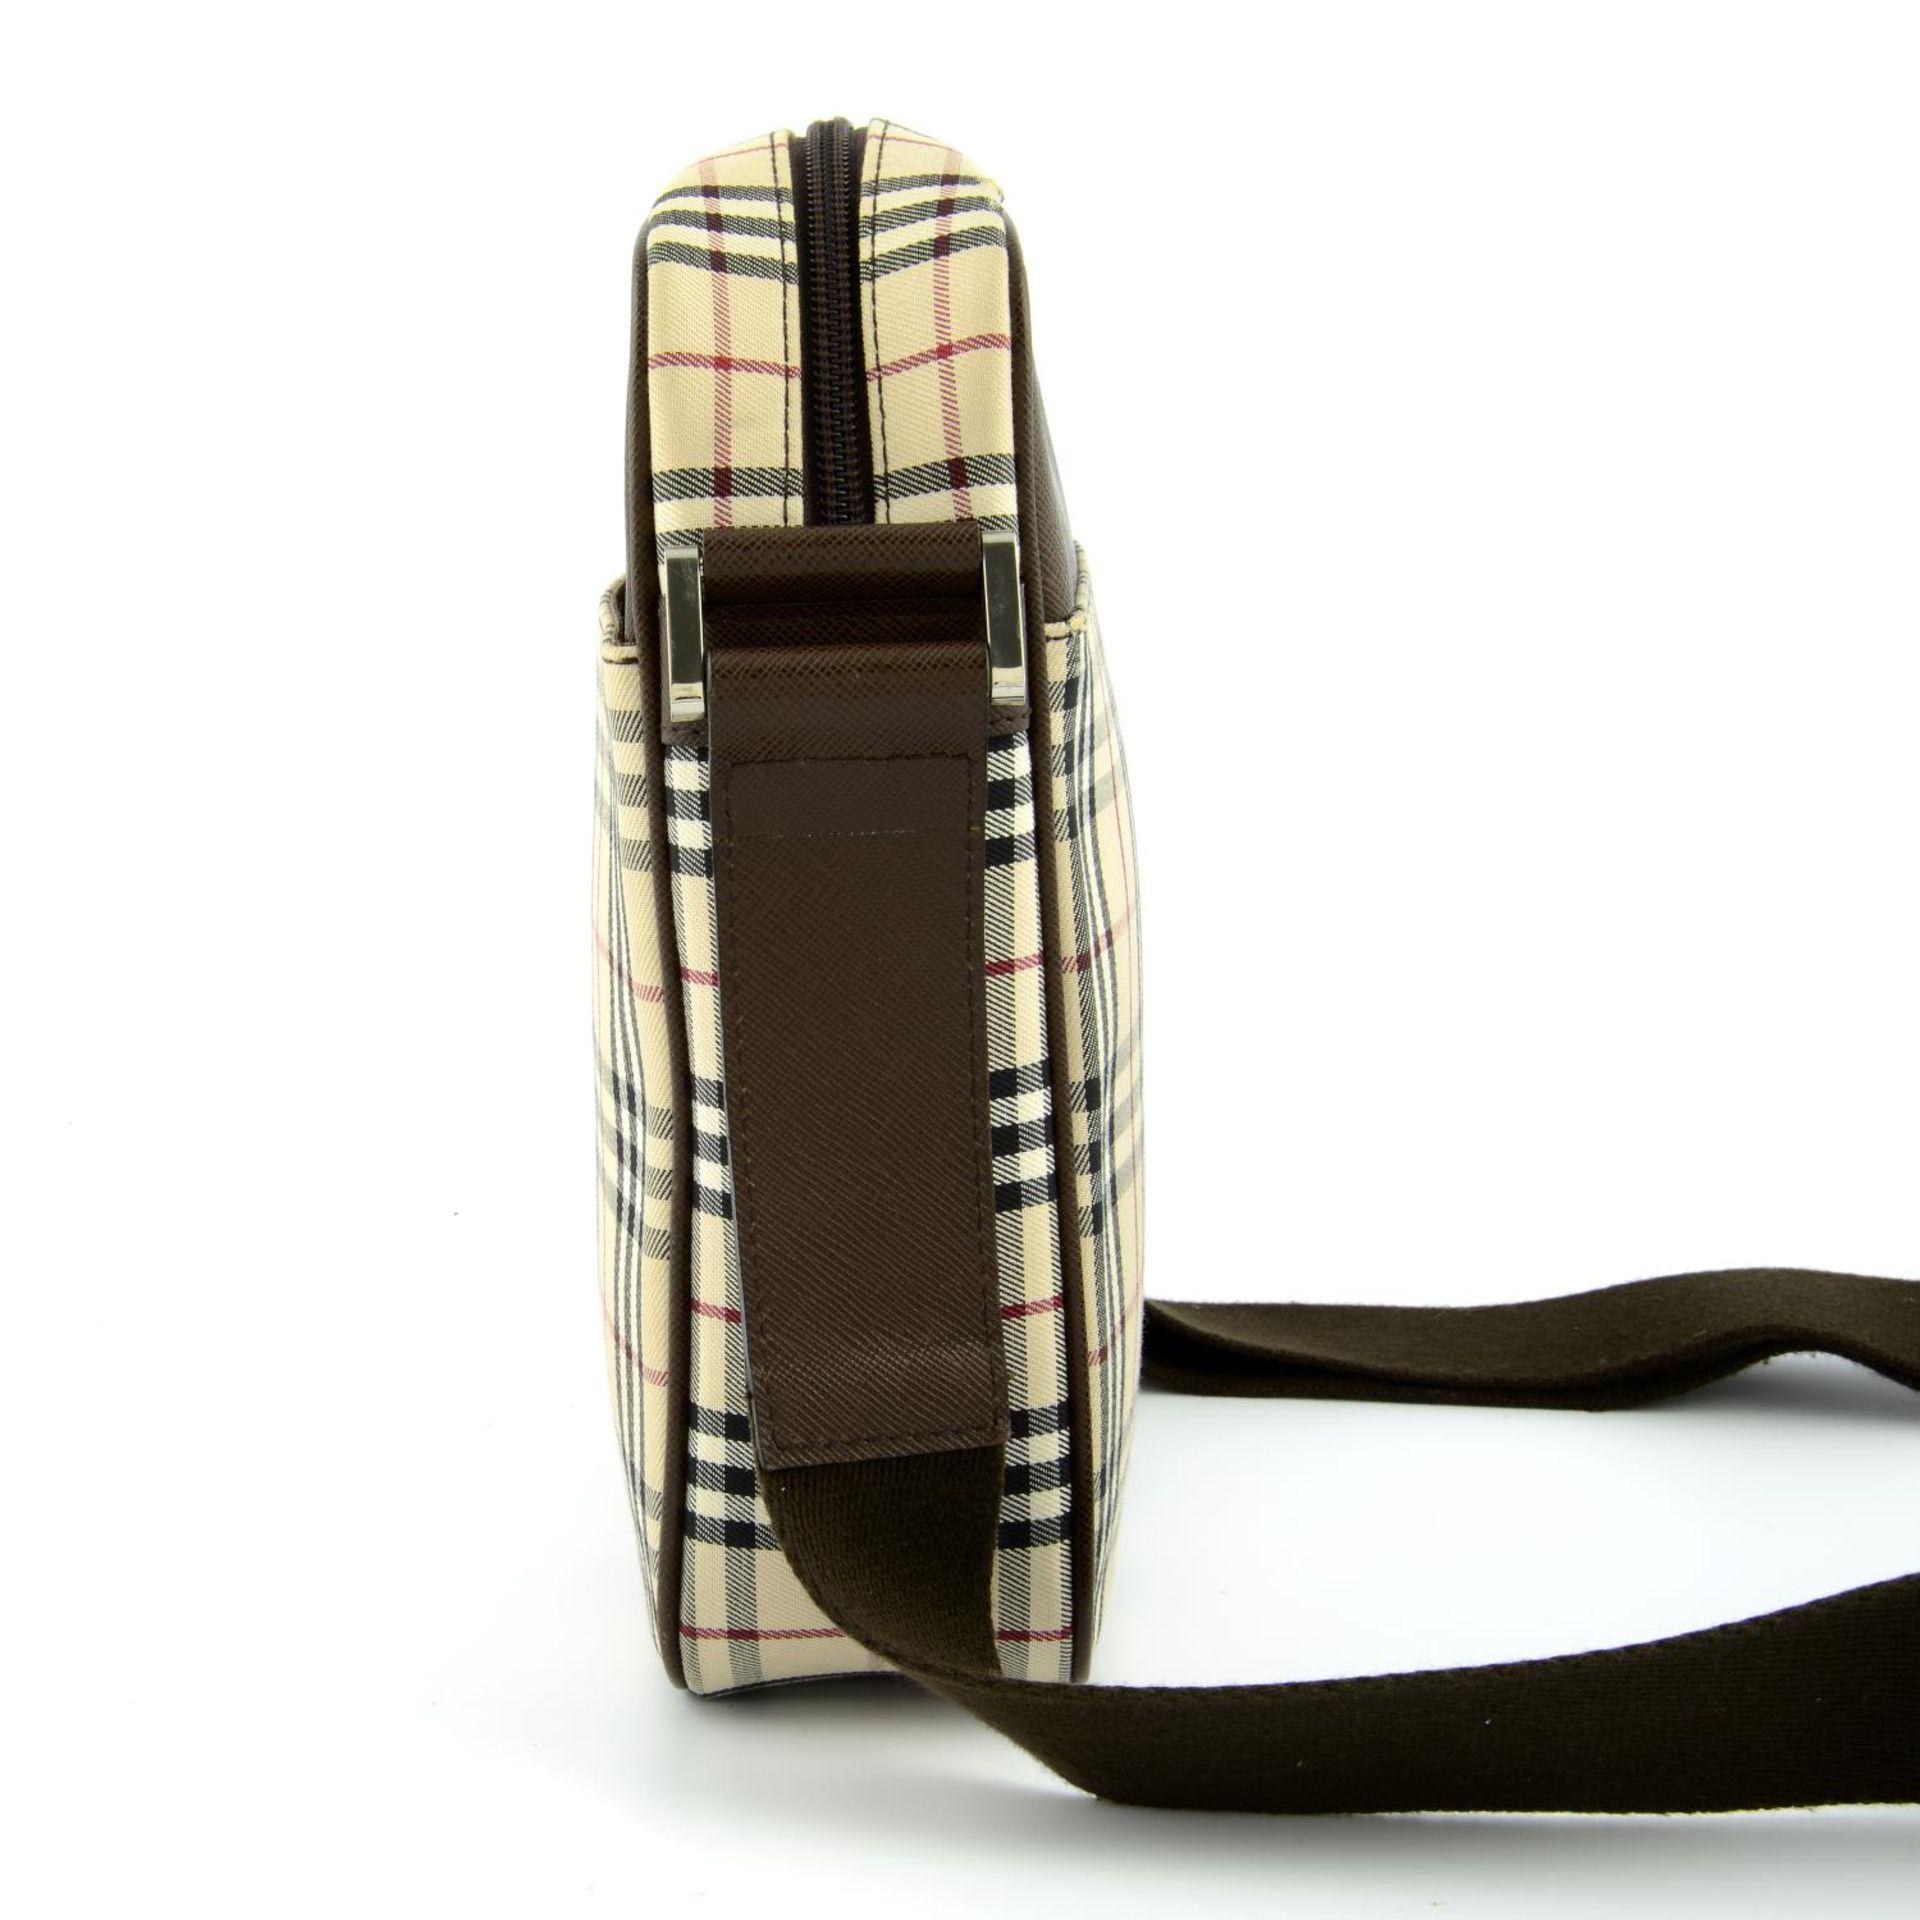 BURBERRY - a Nova Check crossbody messenger bag. - Image 4 of 5